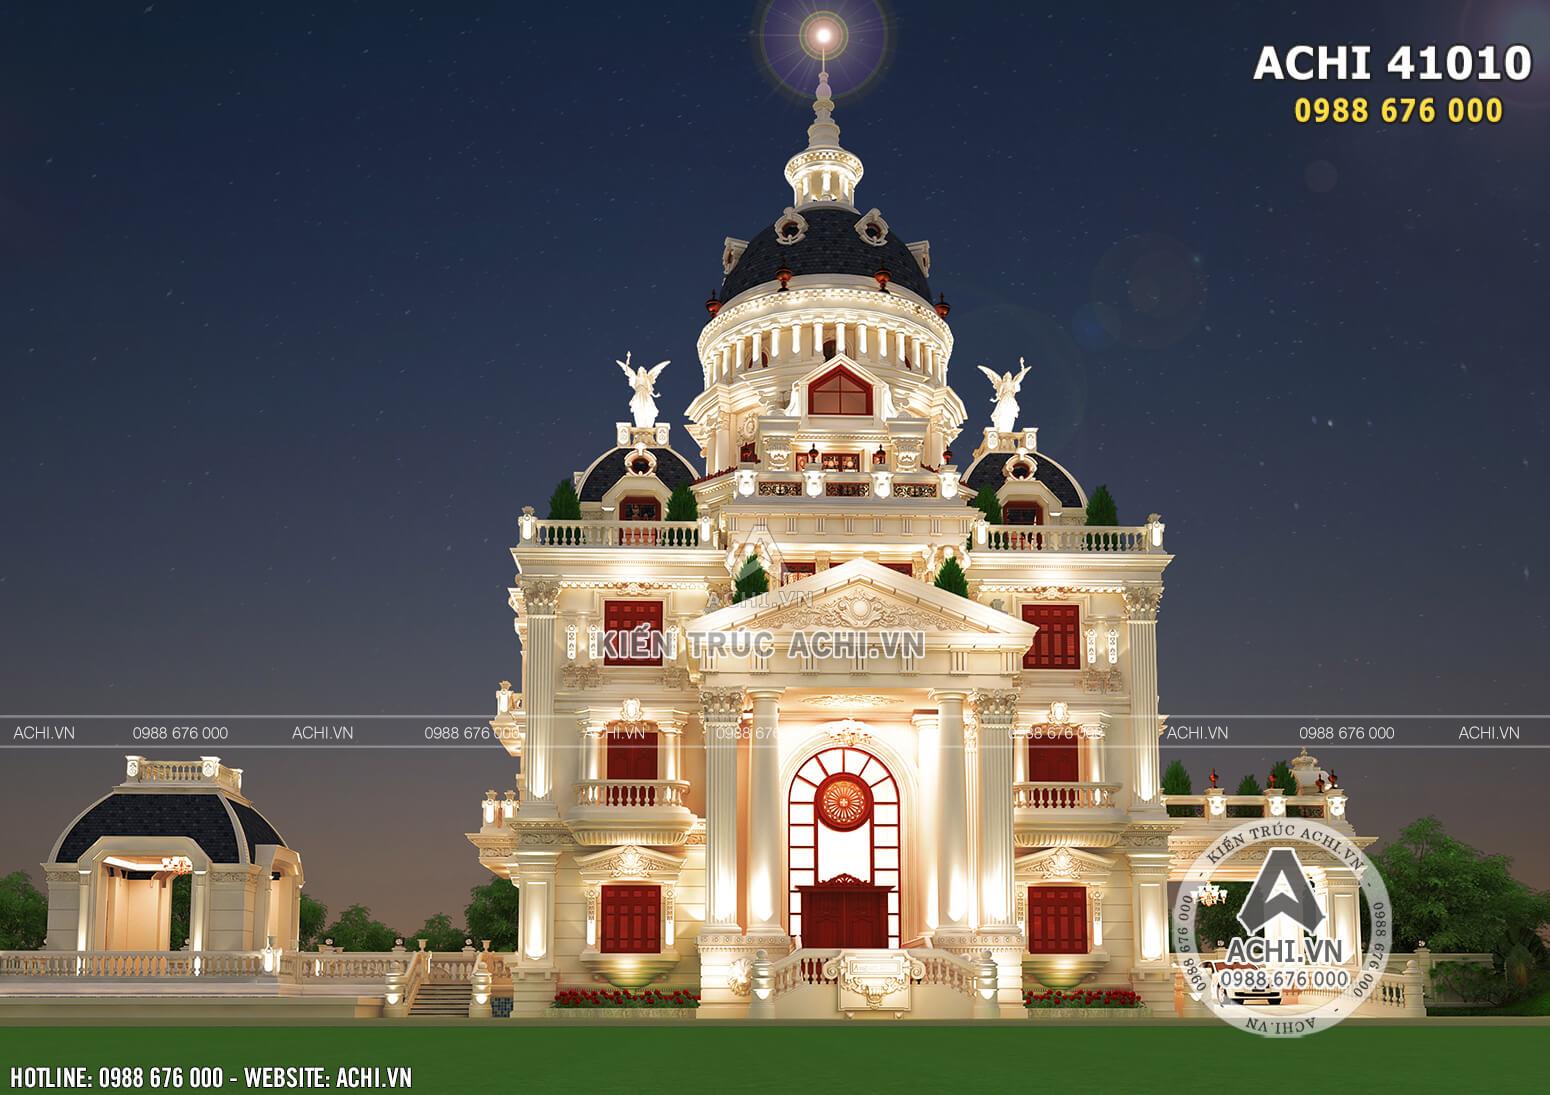 Hình ảnh: Tổng thể kiến trúc tân cổ điển của mẫu biệt thự lâu đài 4 tầng